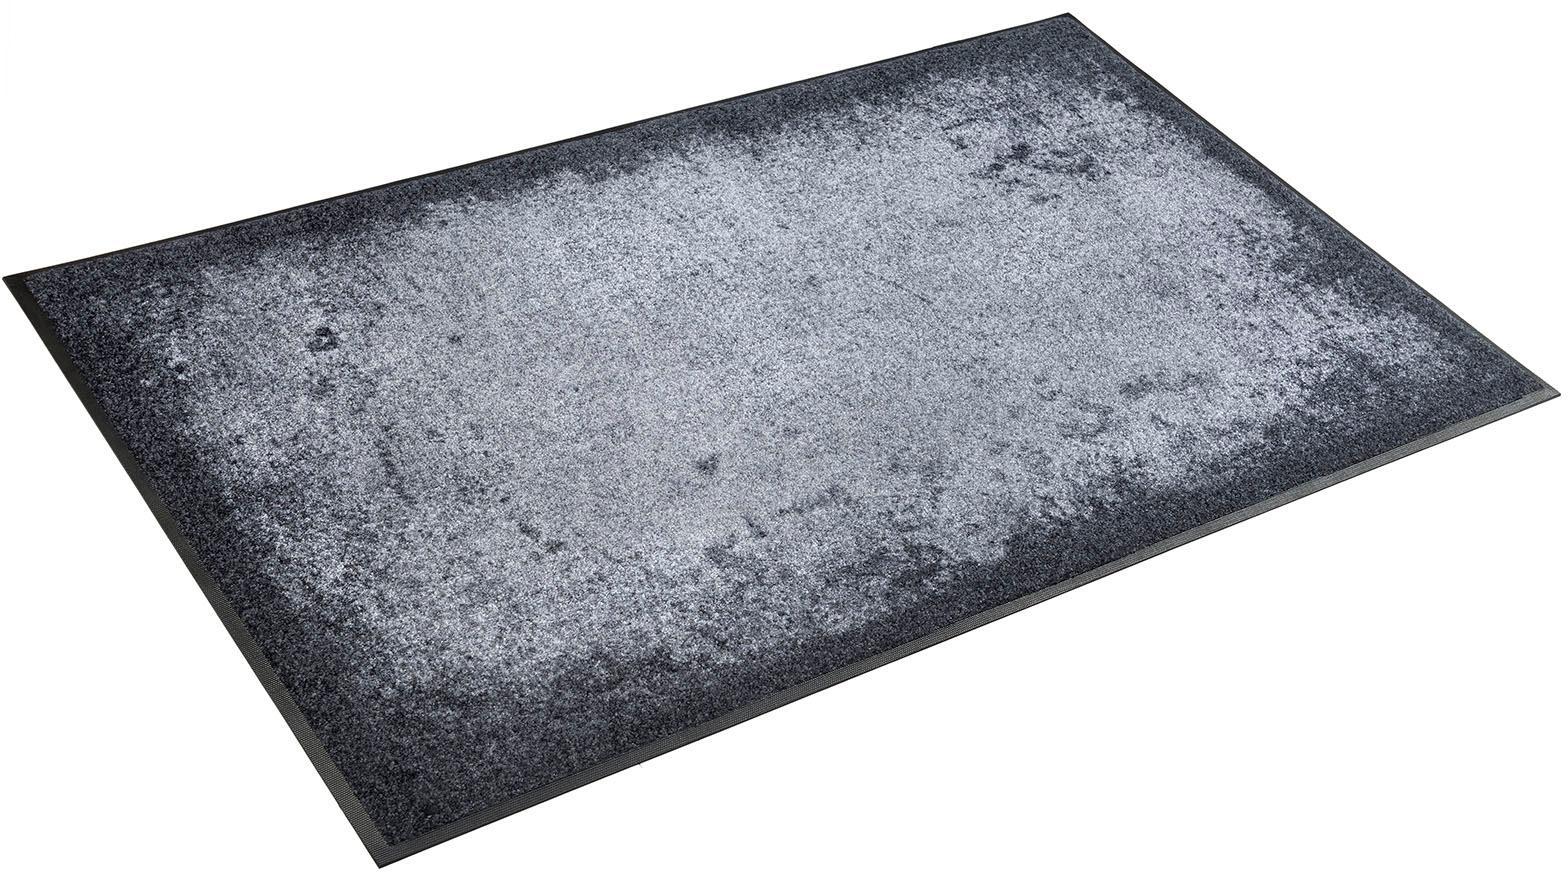 Teppich Shades of Grey wash+dry by Kleen-Tex rechteckig Höhe 7 mm gedruckt